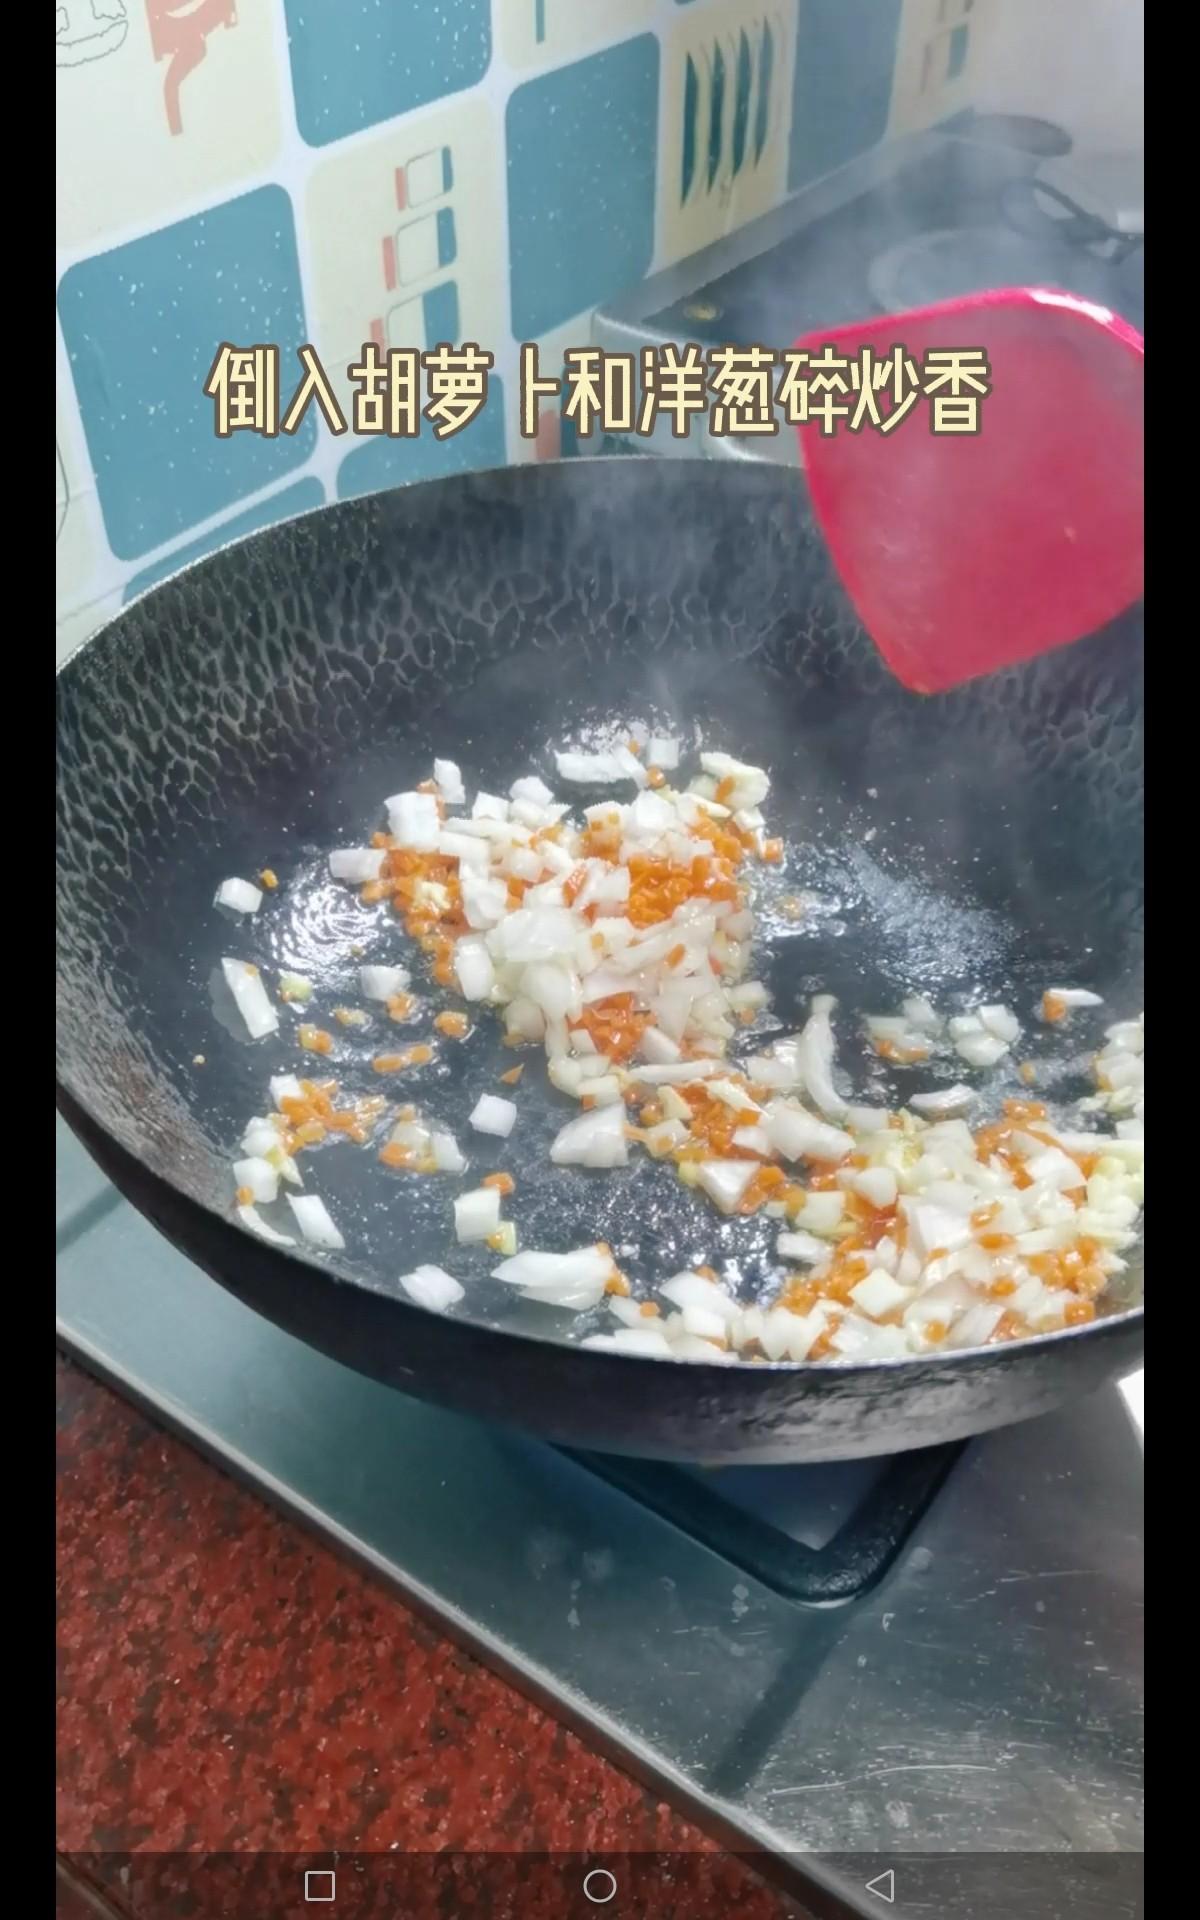 虾仁蛋炒粗粮饭怎么炒